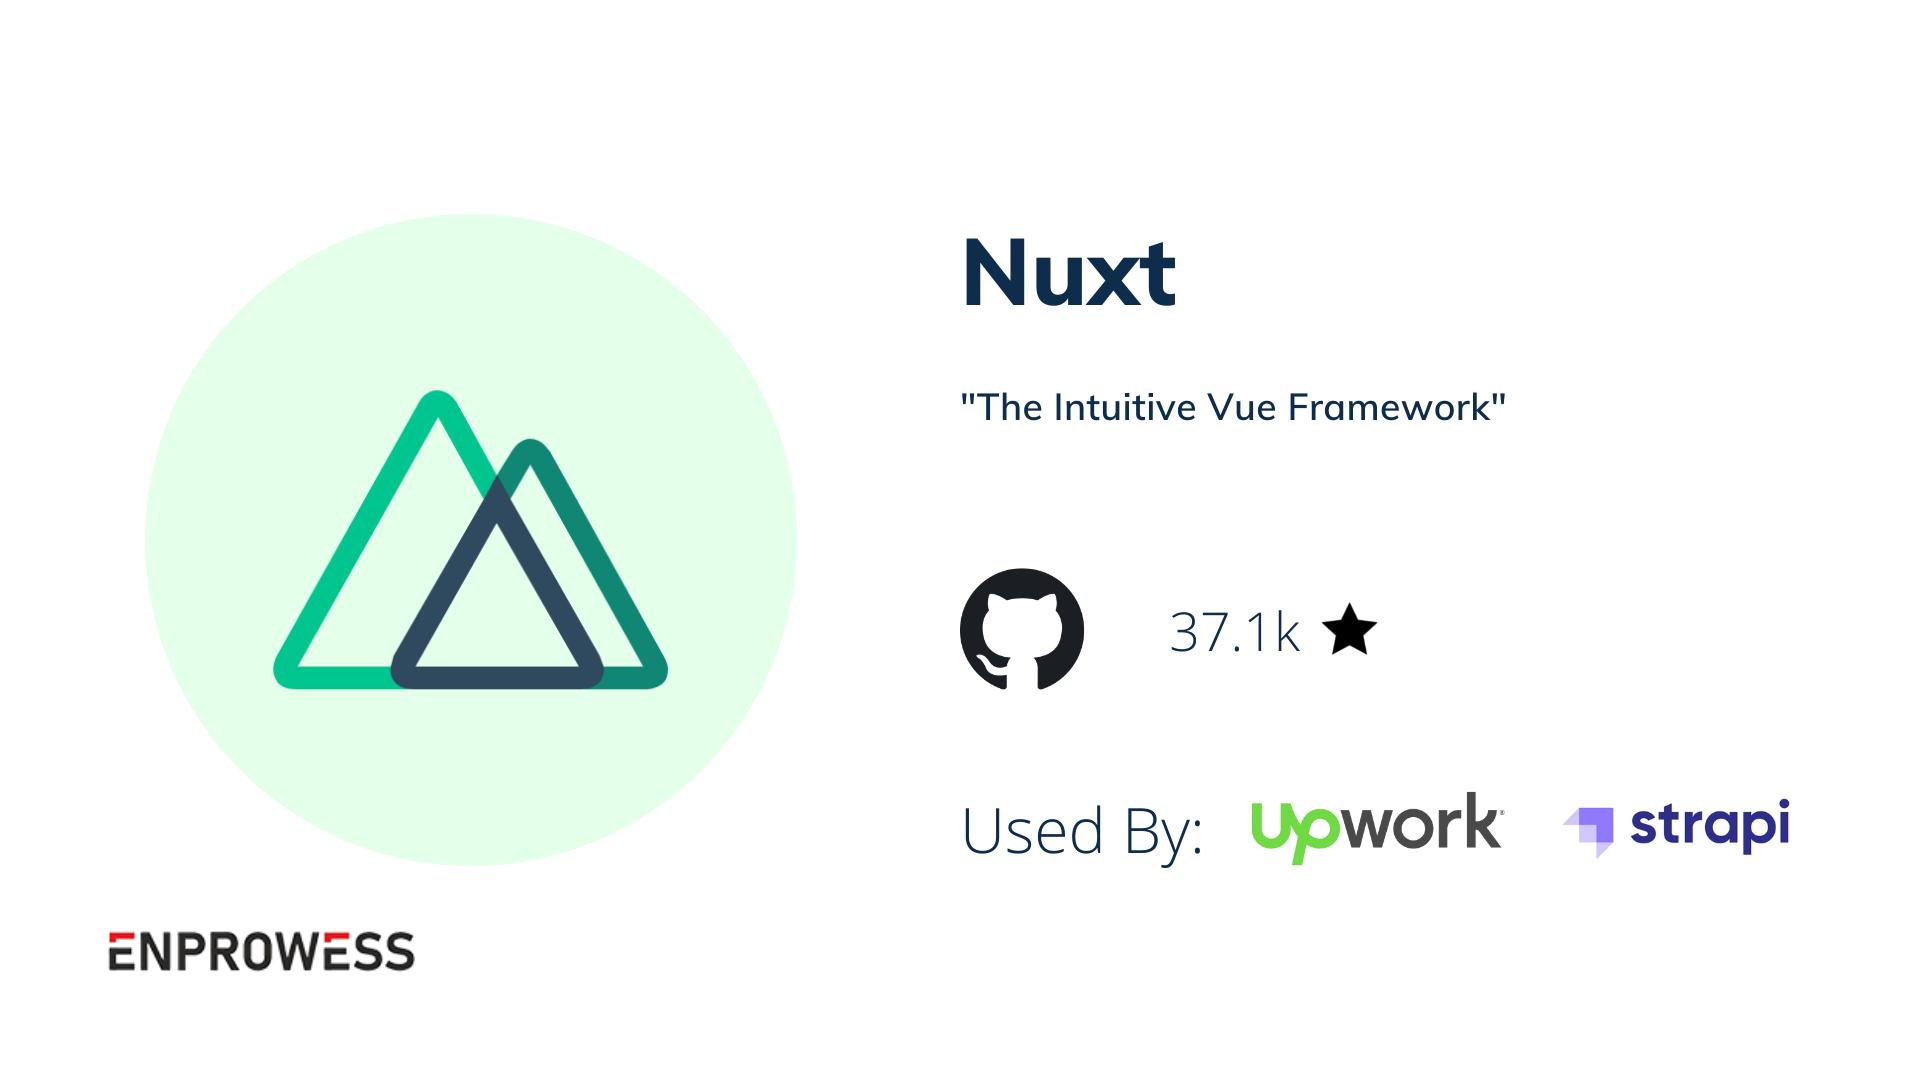 NuxtJS details